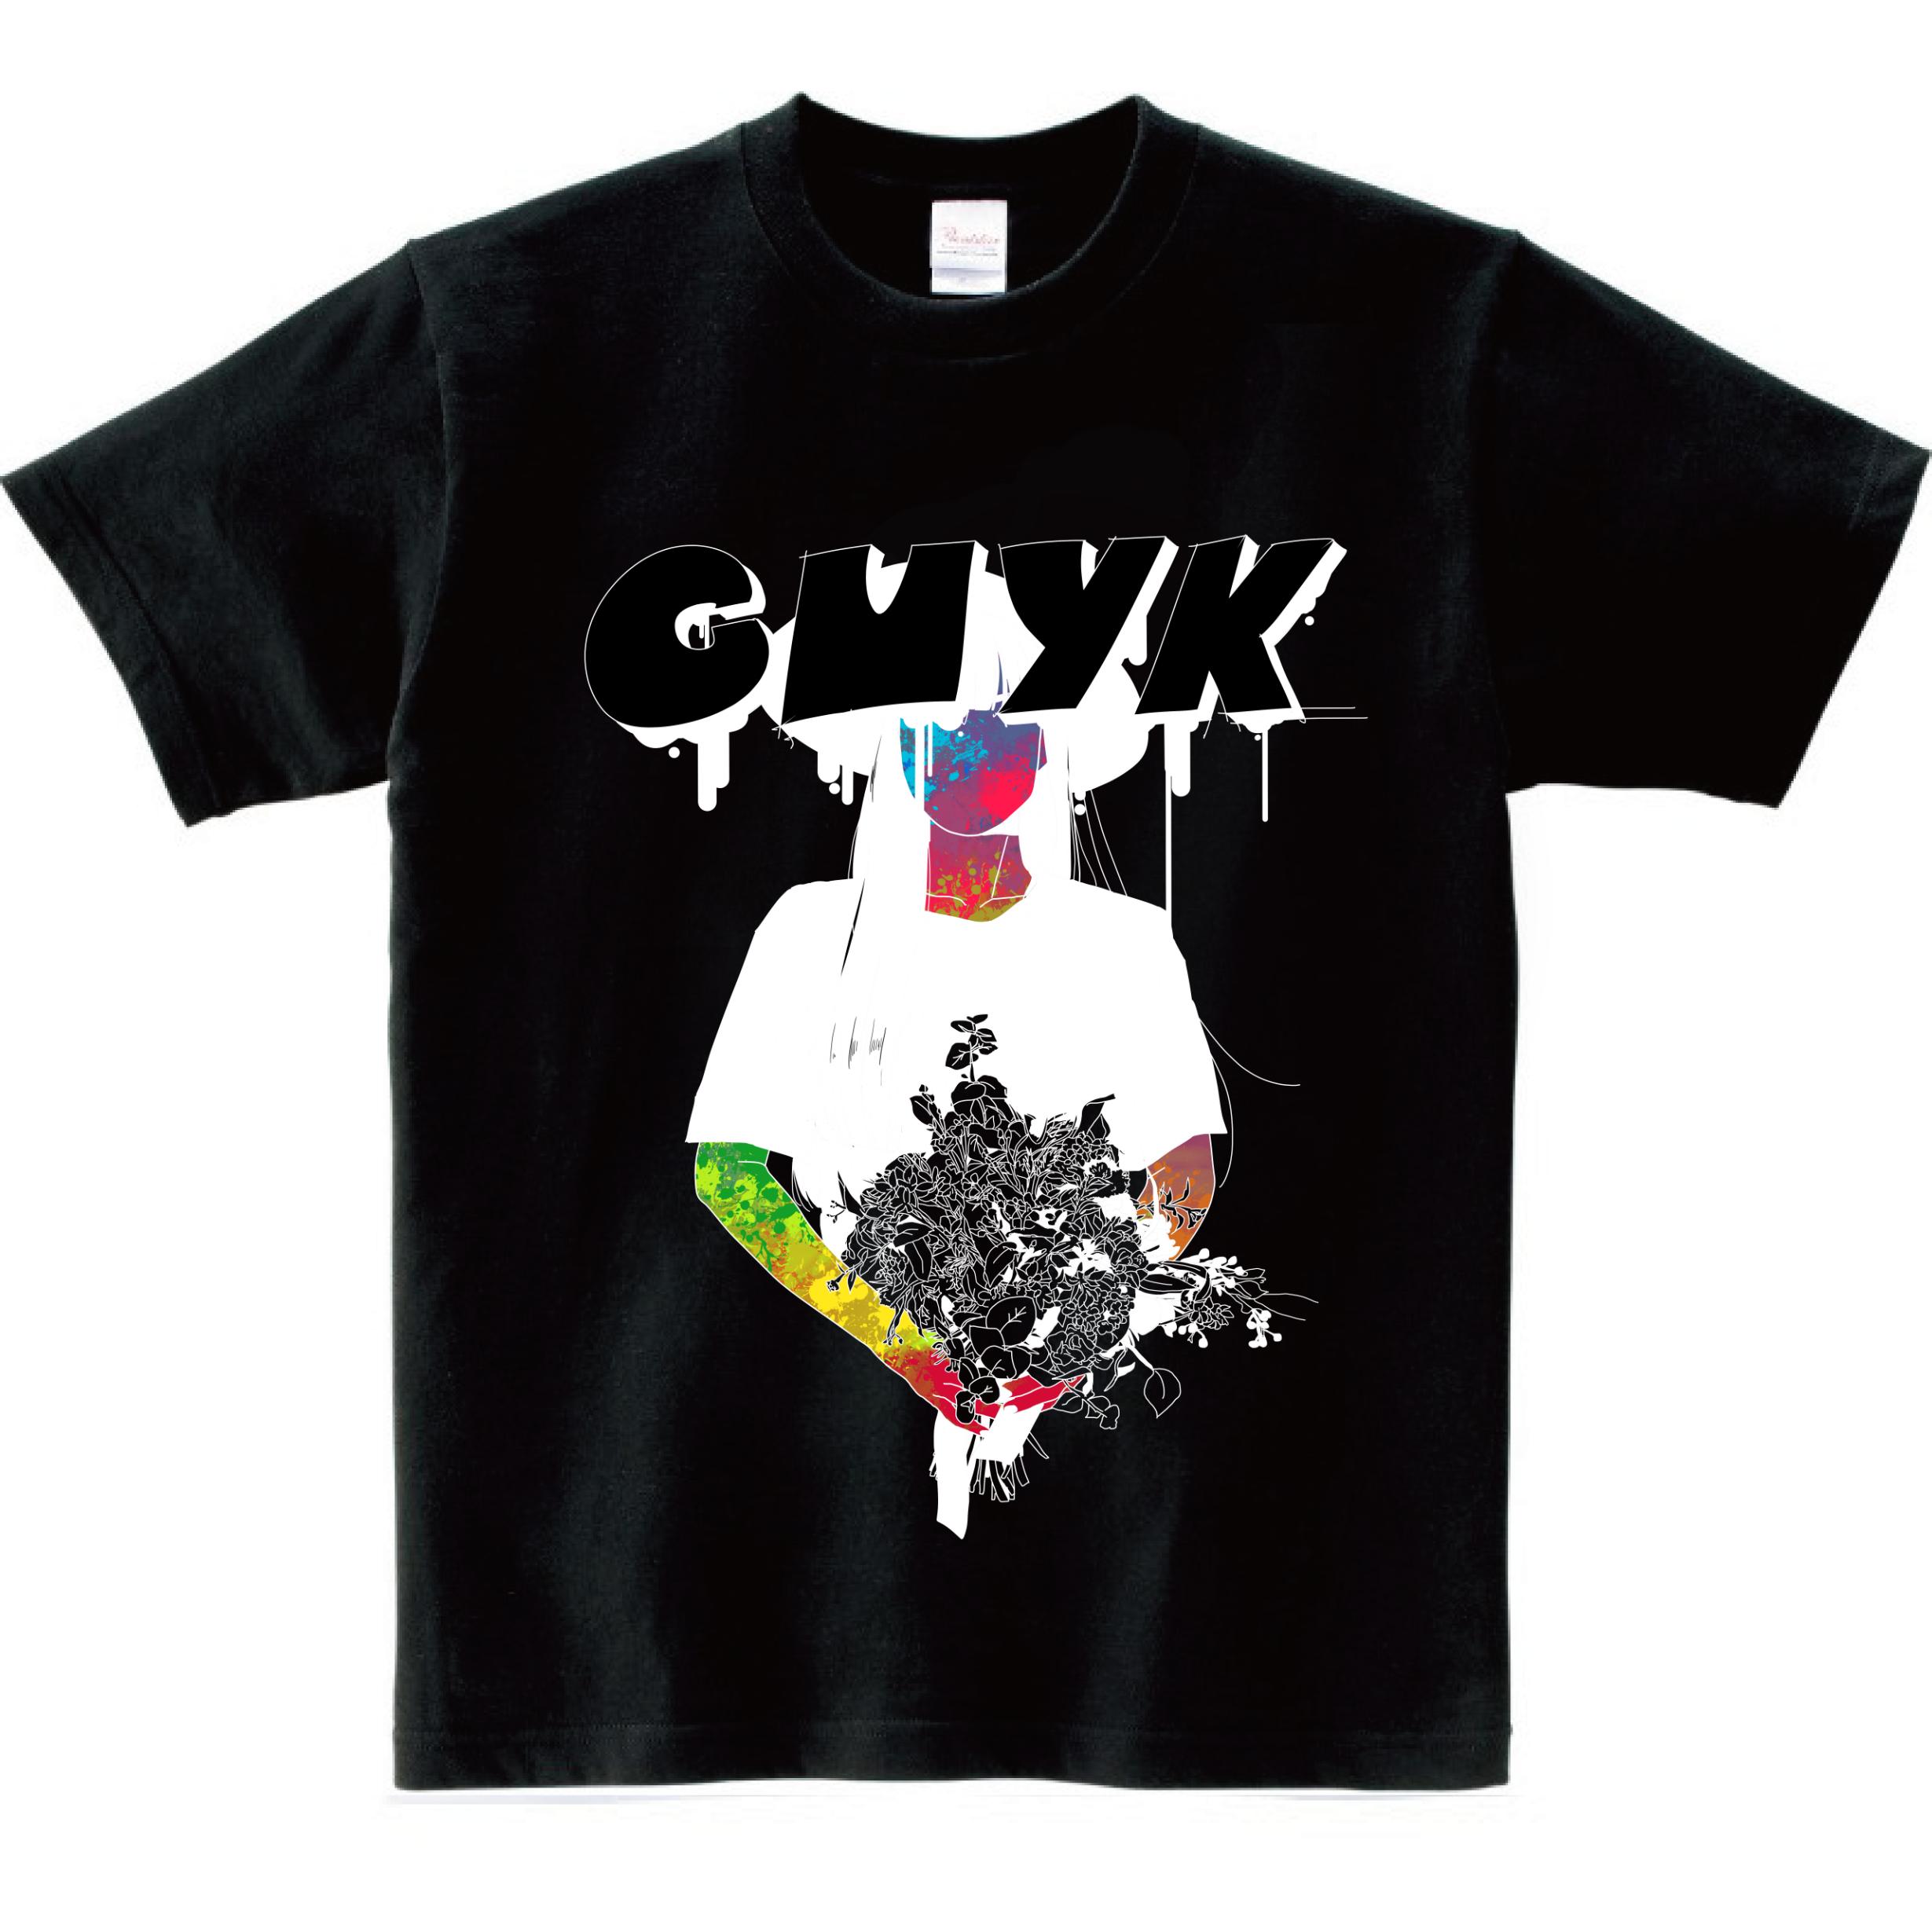 彩る cmyk - black